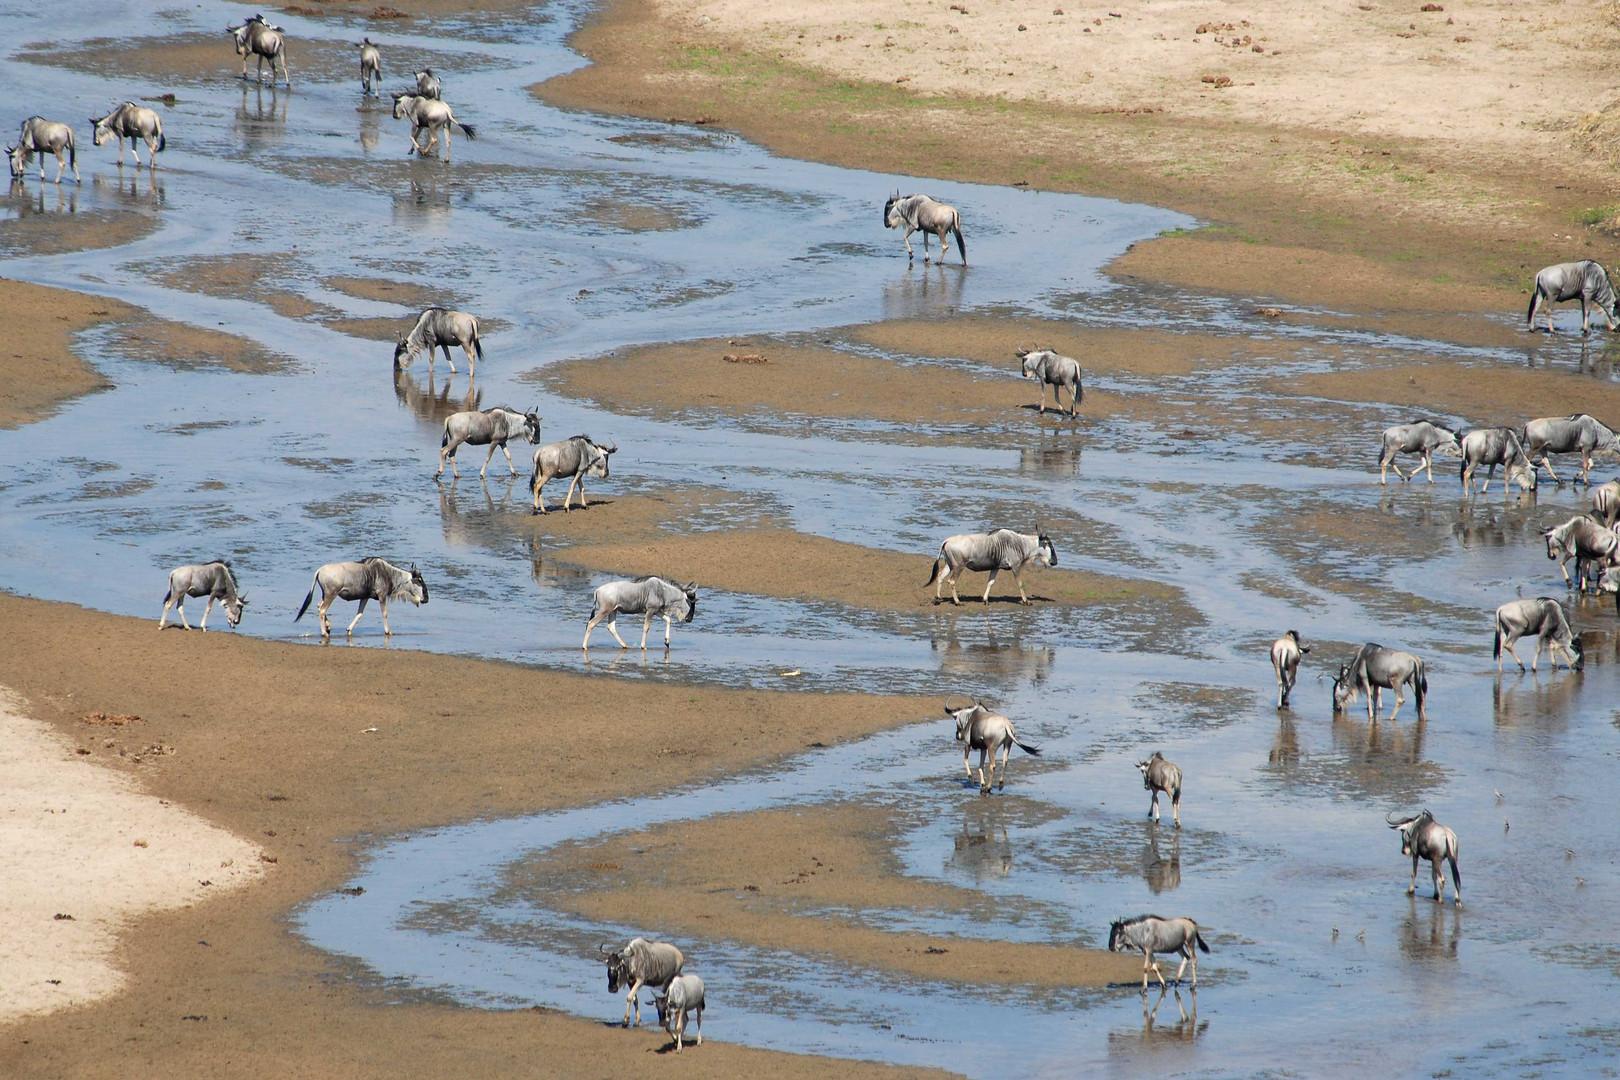 Dry season around Tarangire river